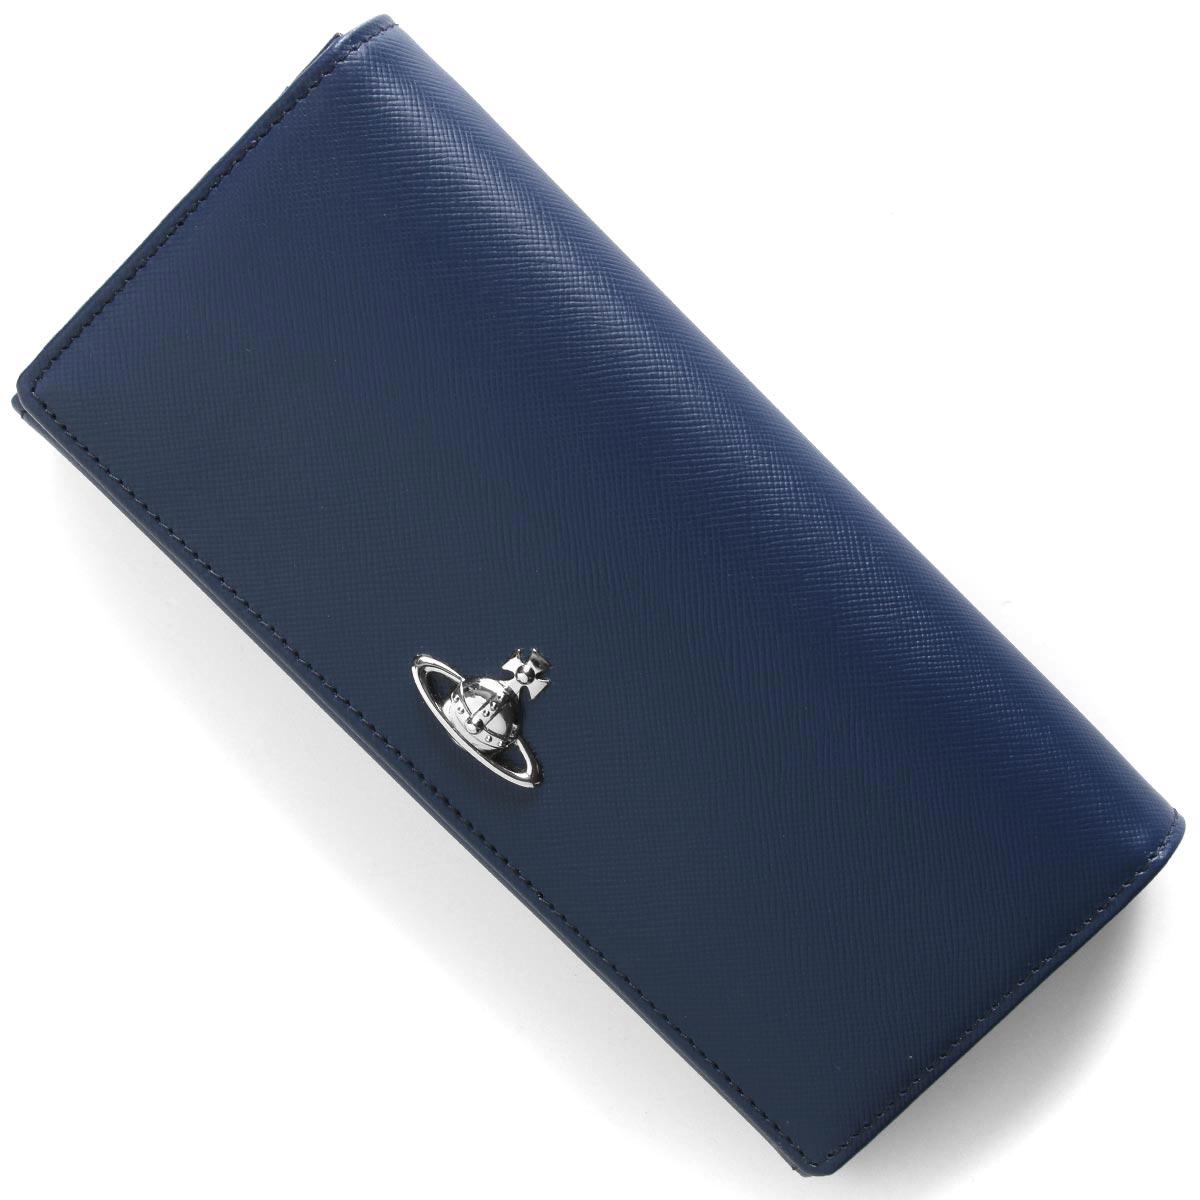 ヴィヴィアンウエストウッド 長財布 財布 メンズ レディース ピムリコ オーブ ブルー 51120005 40187 K402 VIVIENNE WESTWOOD